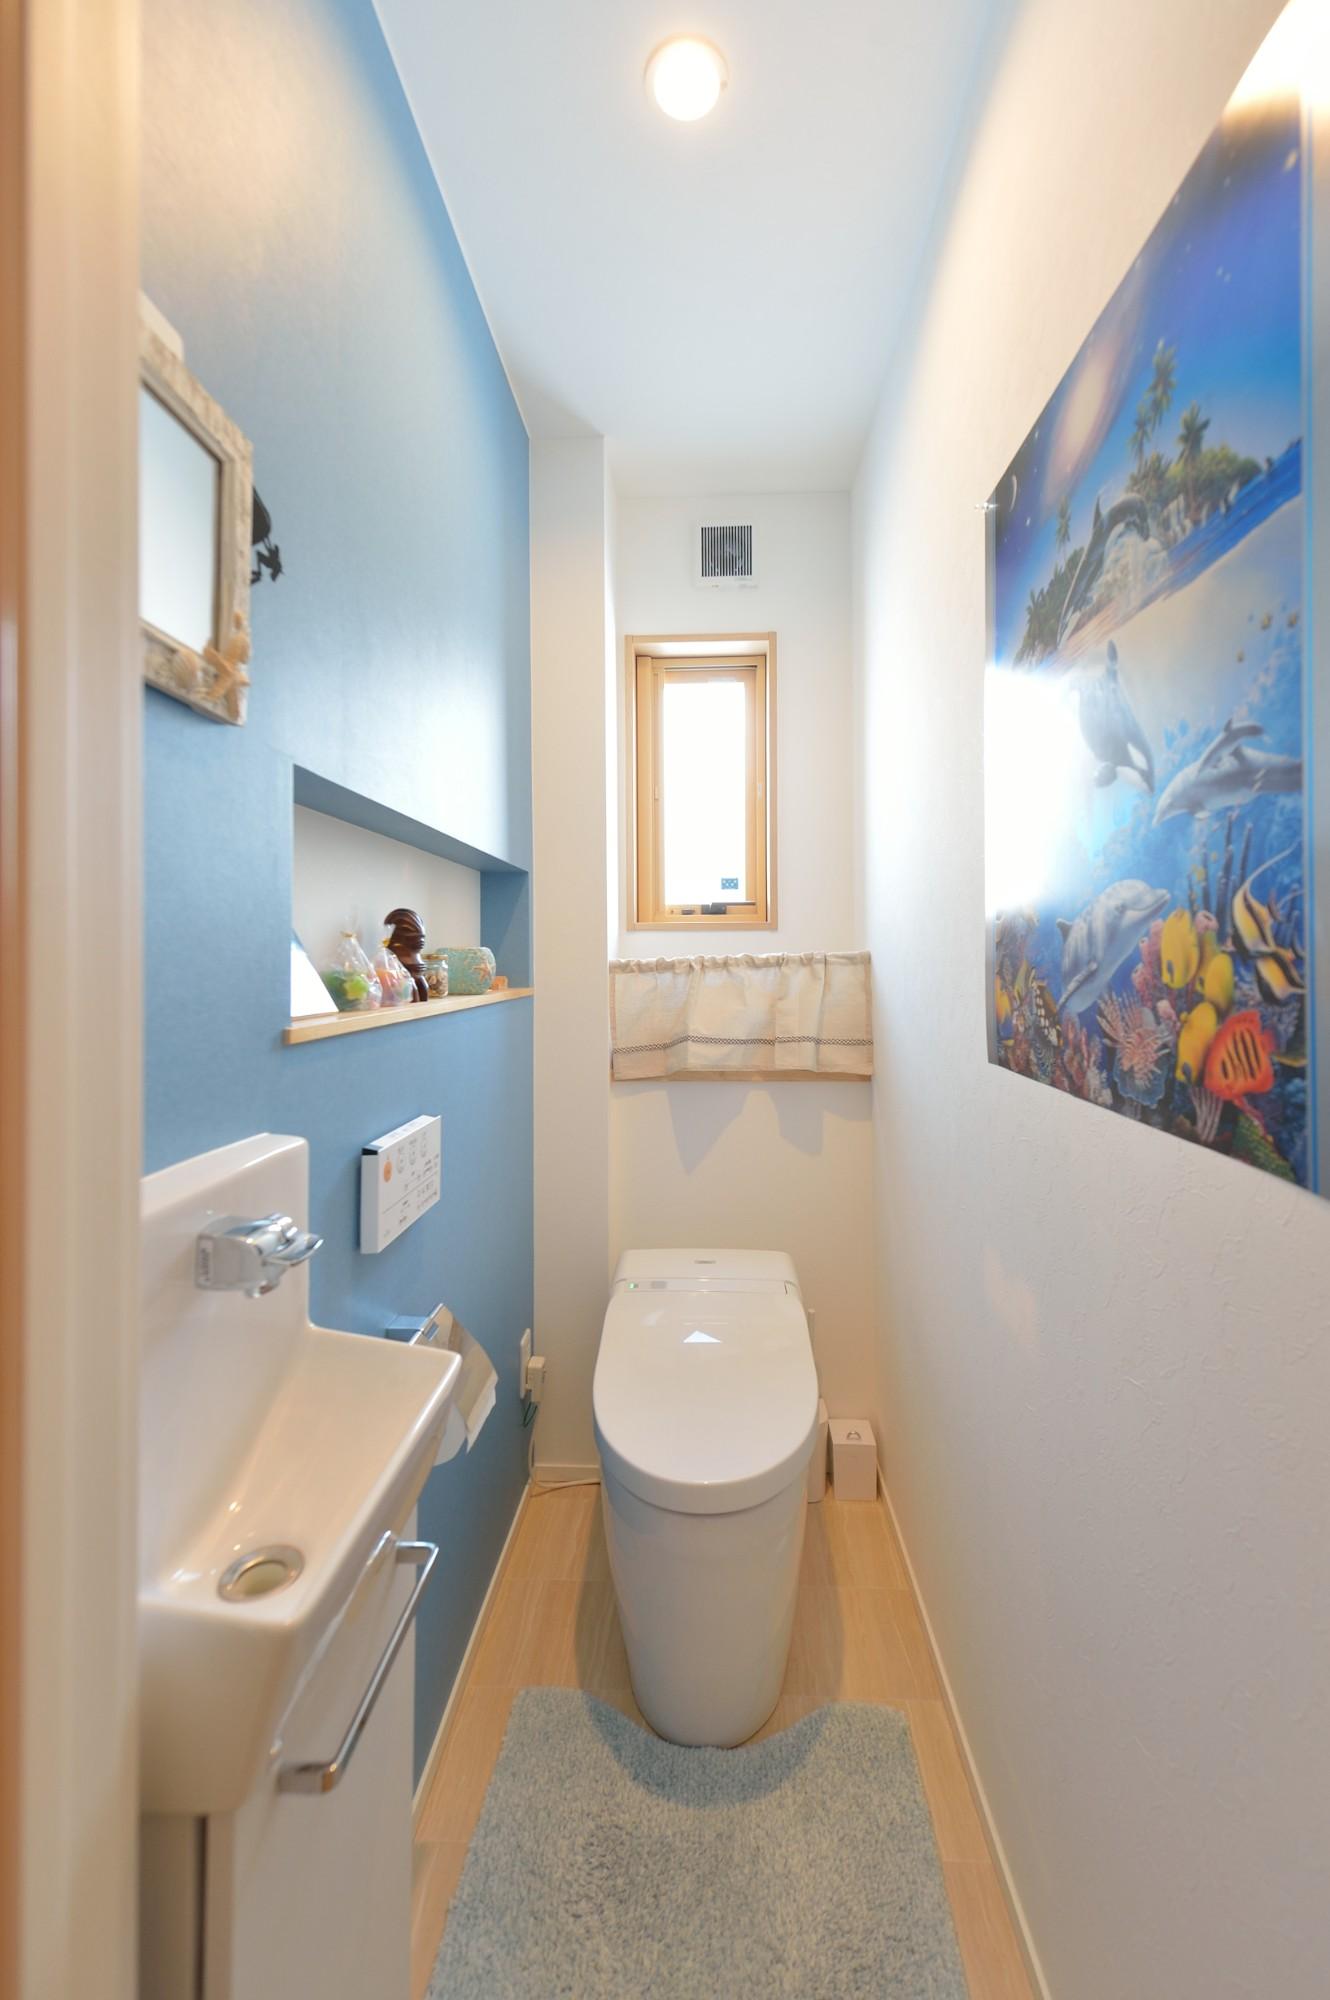 家'Sハセガワ株式会社「Time flies here ~時間を忘れる空間~」のシンプル・ナチュラルなトイレの実例写真